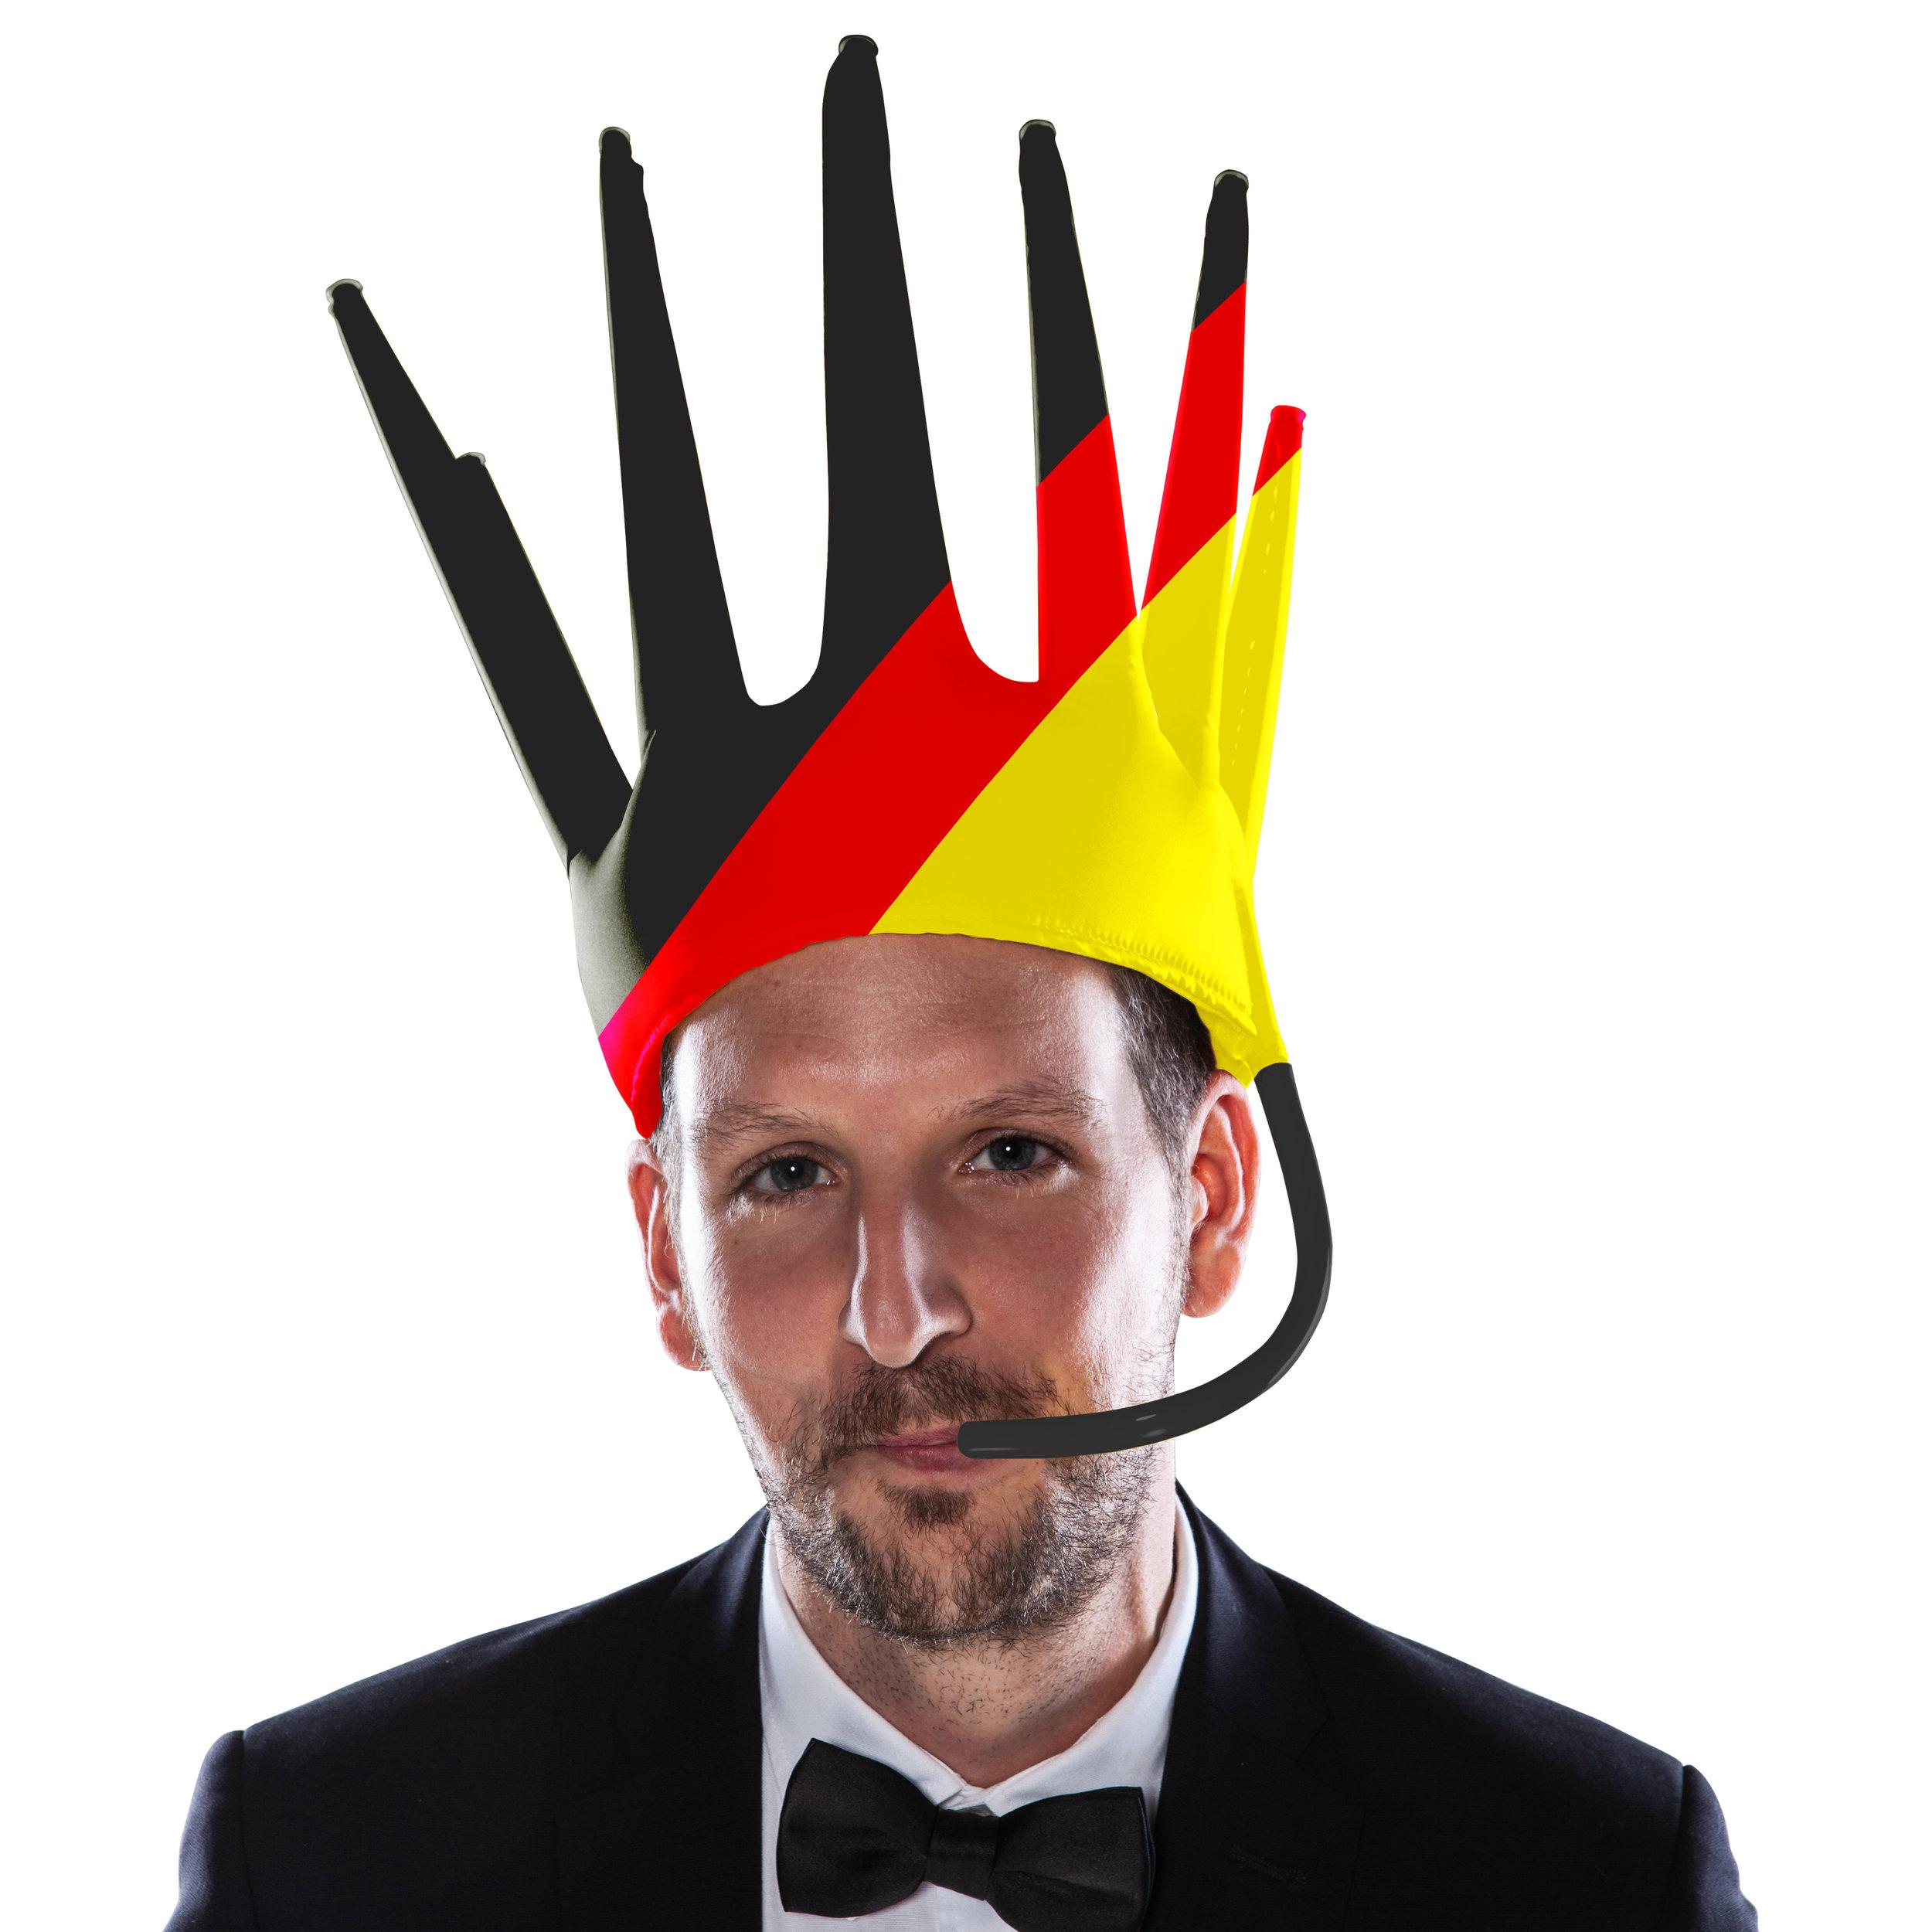 partyblowercrown_funny_party_hat_fan_germany_deutschland.jpg